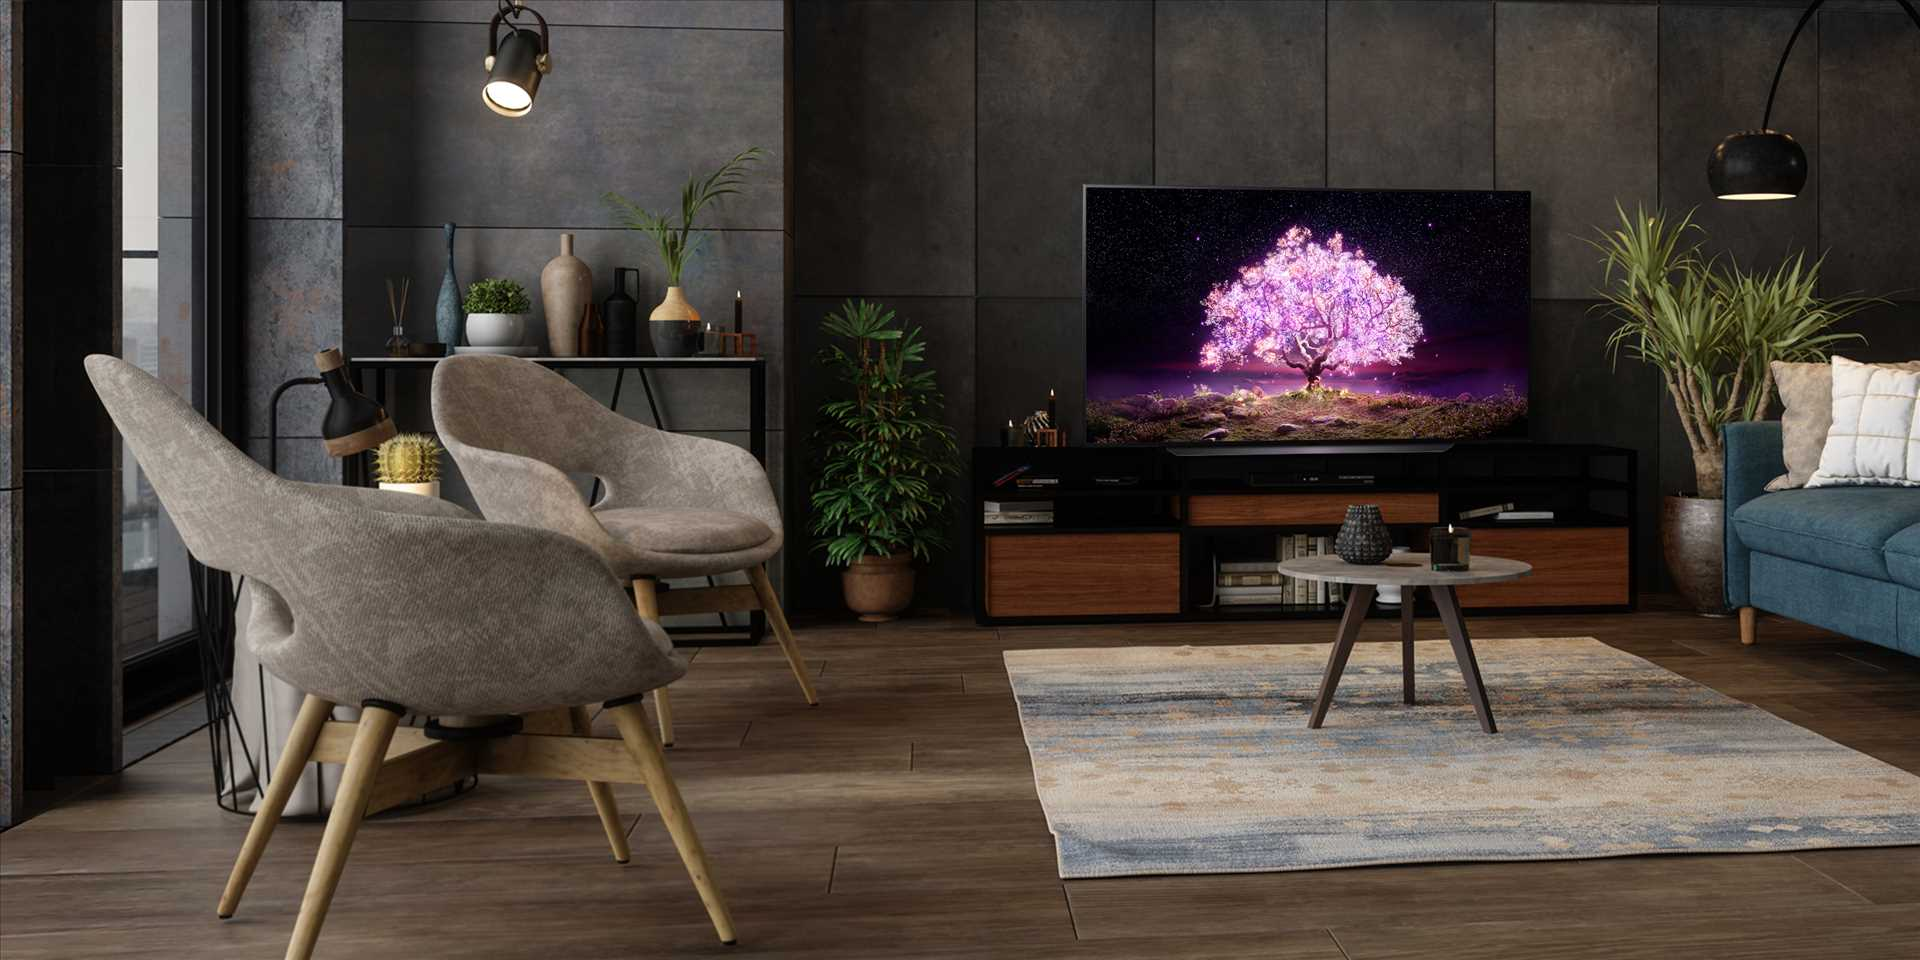 טלוויזיה 48 אינץ' דגם OLED 48C1PVB  בטכנולוגיית LG OLED 4K Ultra HD אל ג'י - תמונה 10